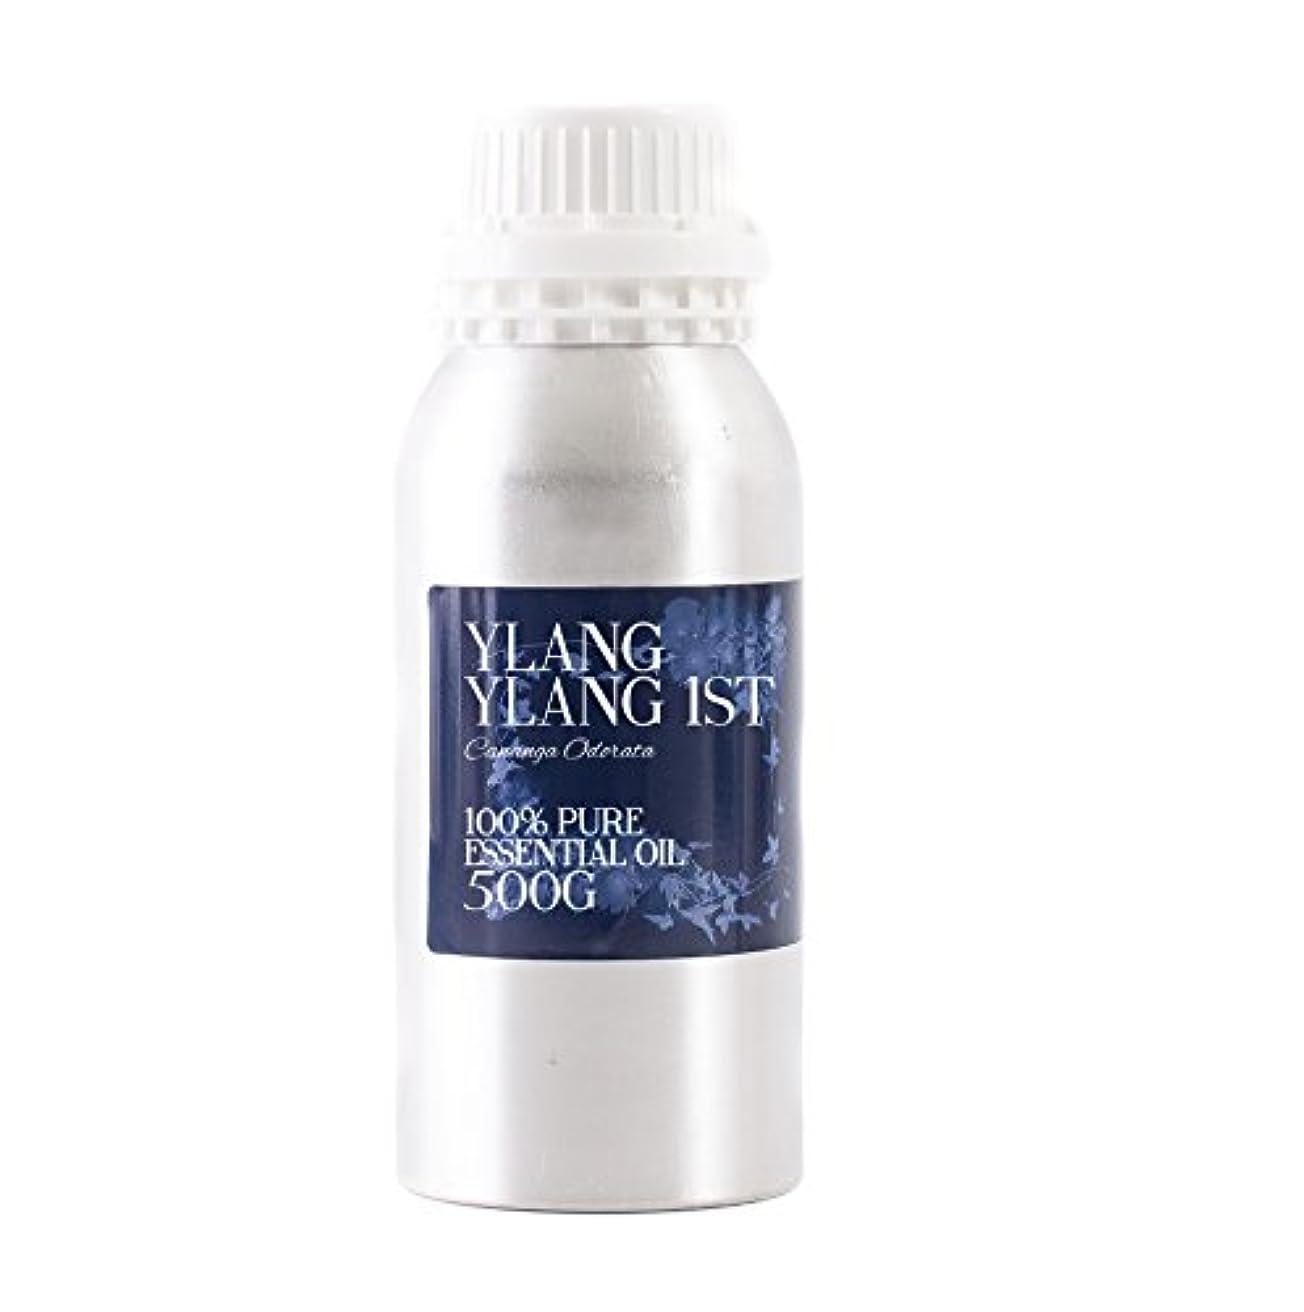 真実にきょうだい良性Mystic Moments   Ylang Ylang 1st Essential Oil - 500g - 100% Pure